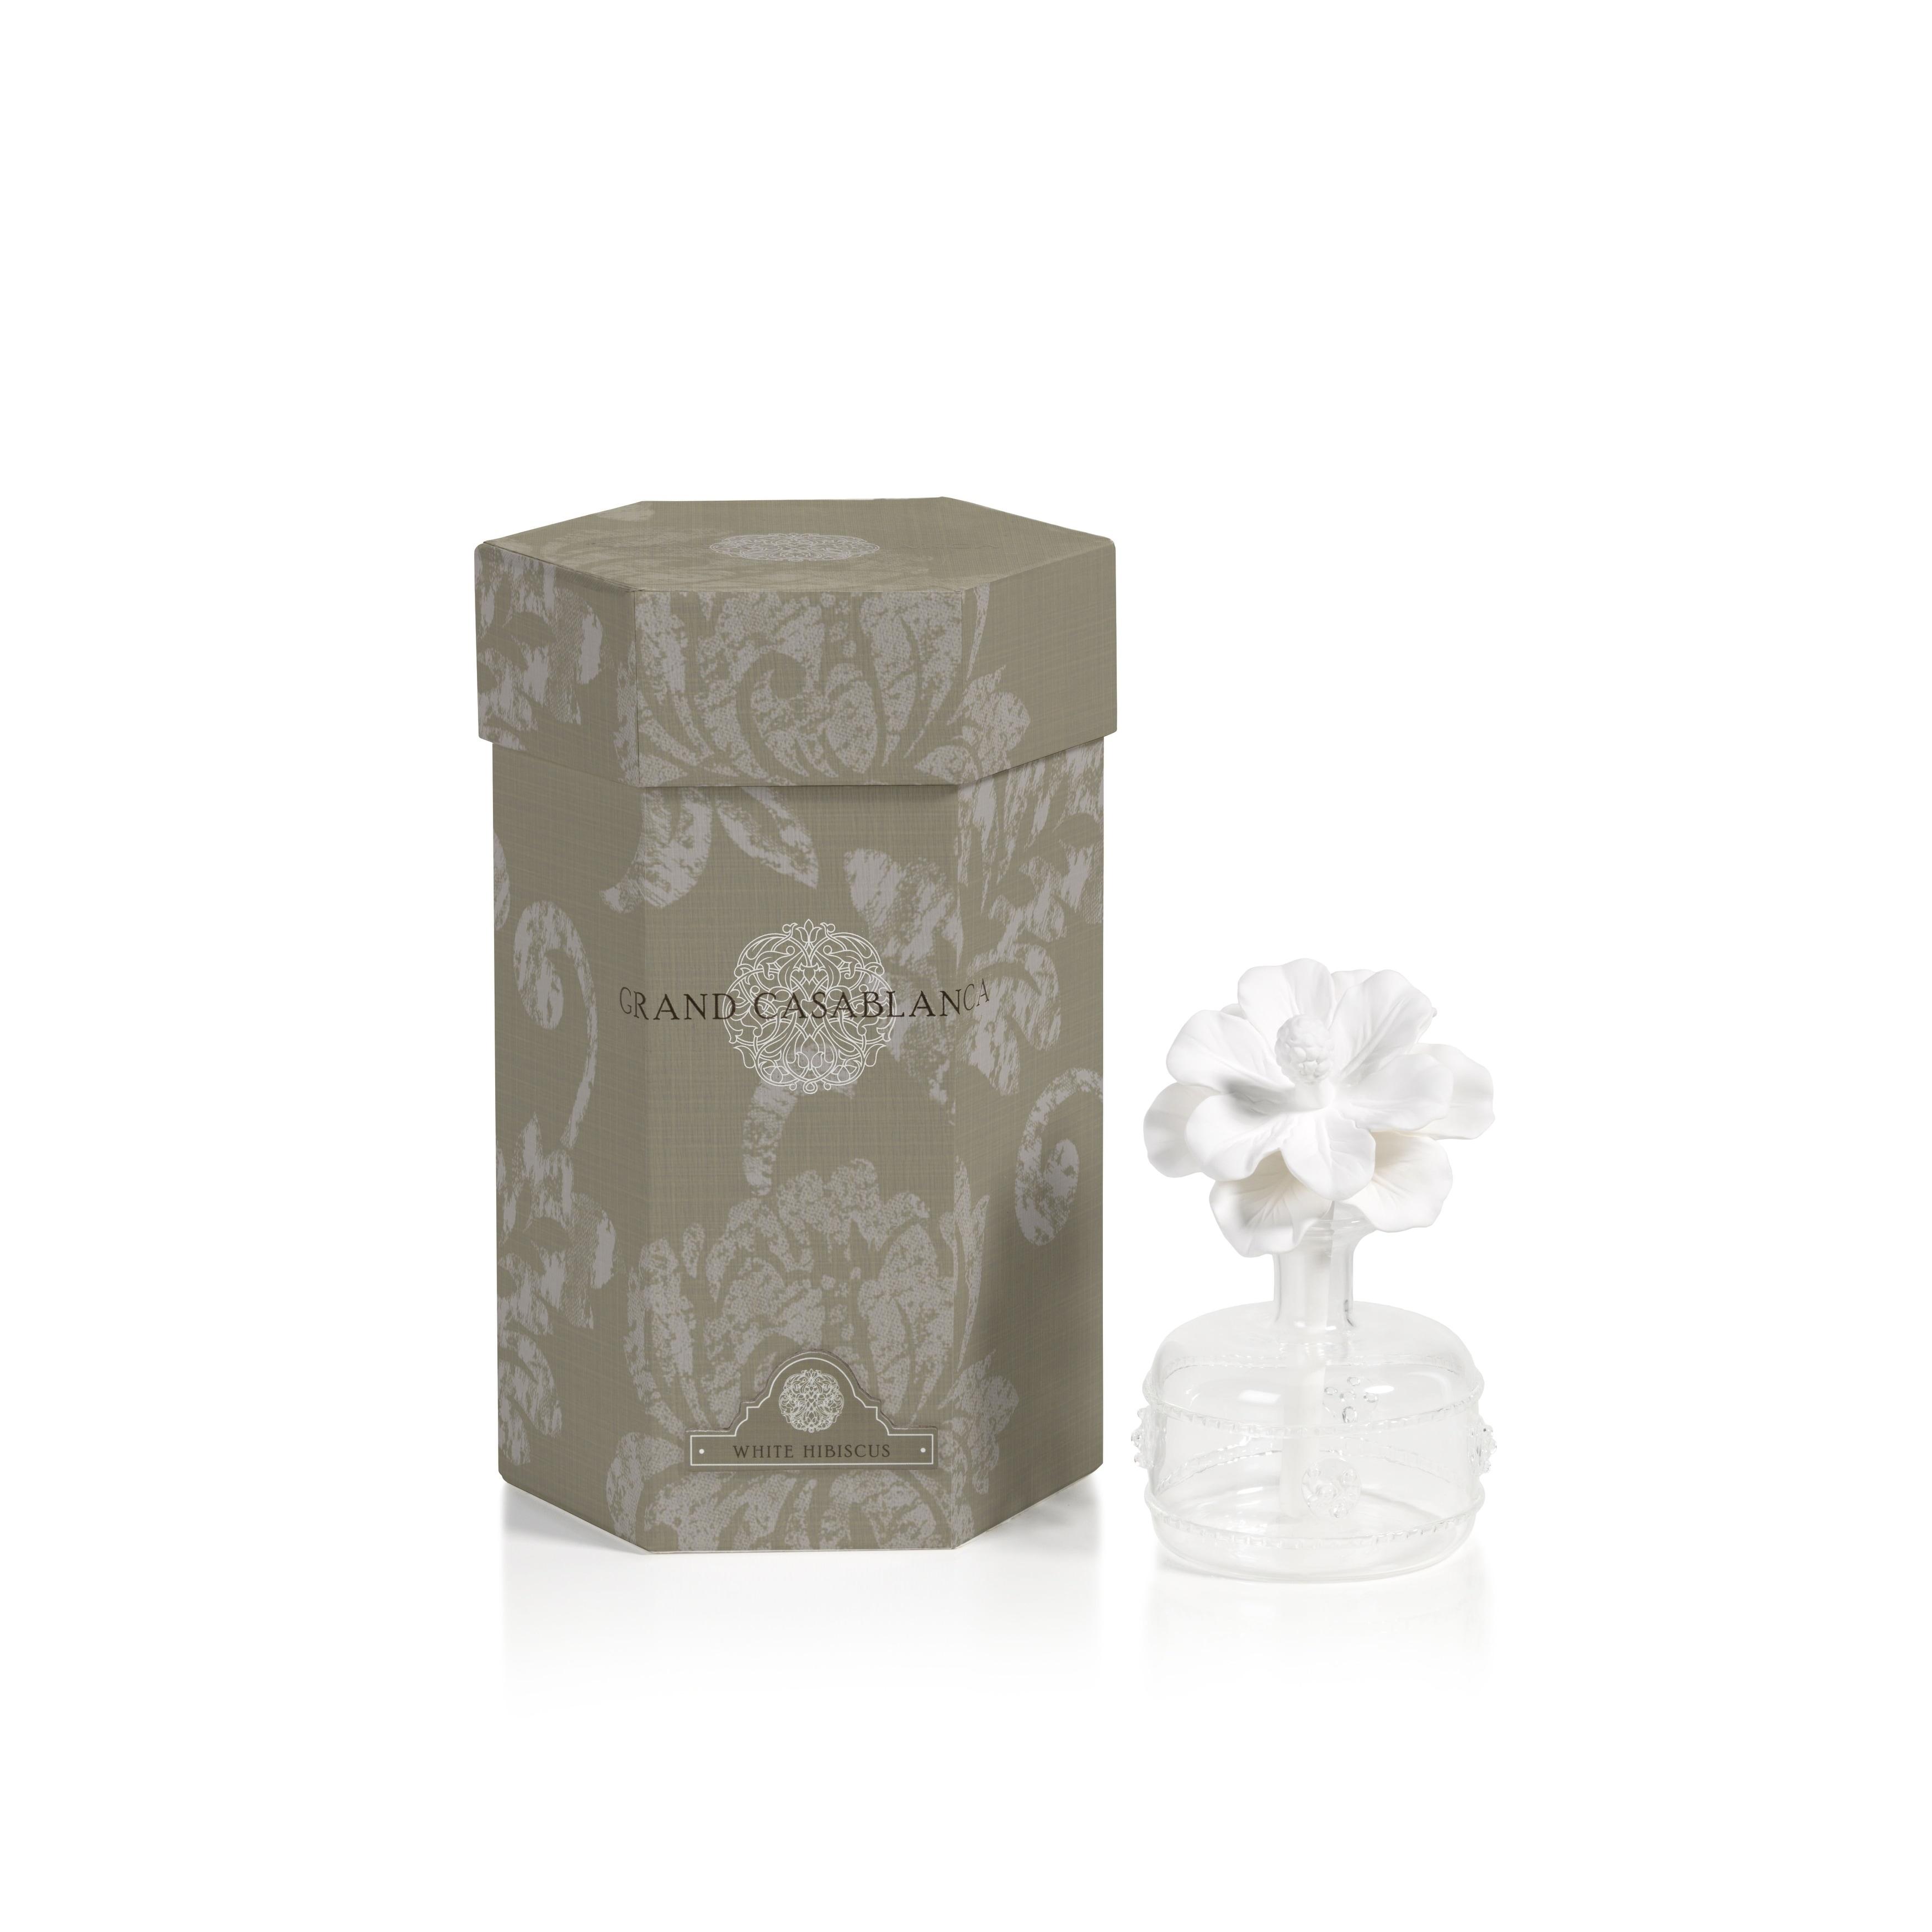 Mini Grand Casablanca Porcelain Diffuser White Hibiscus